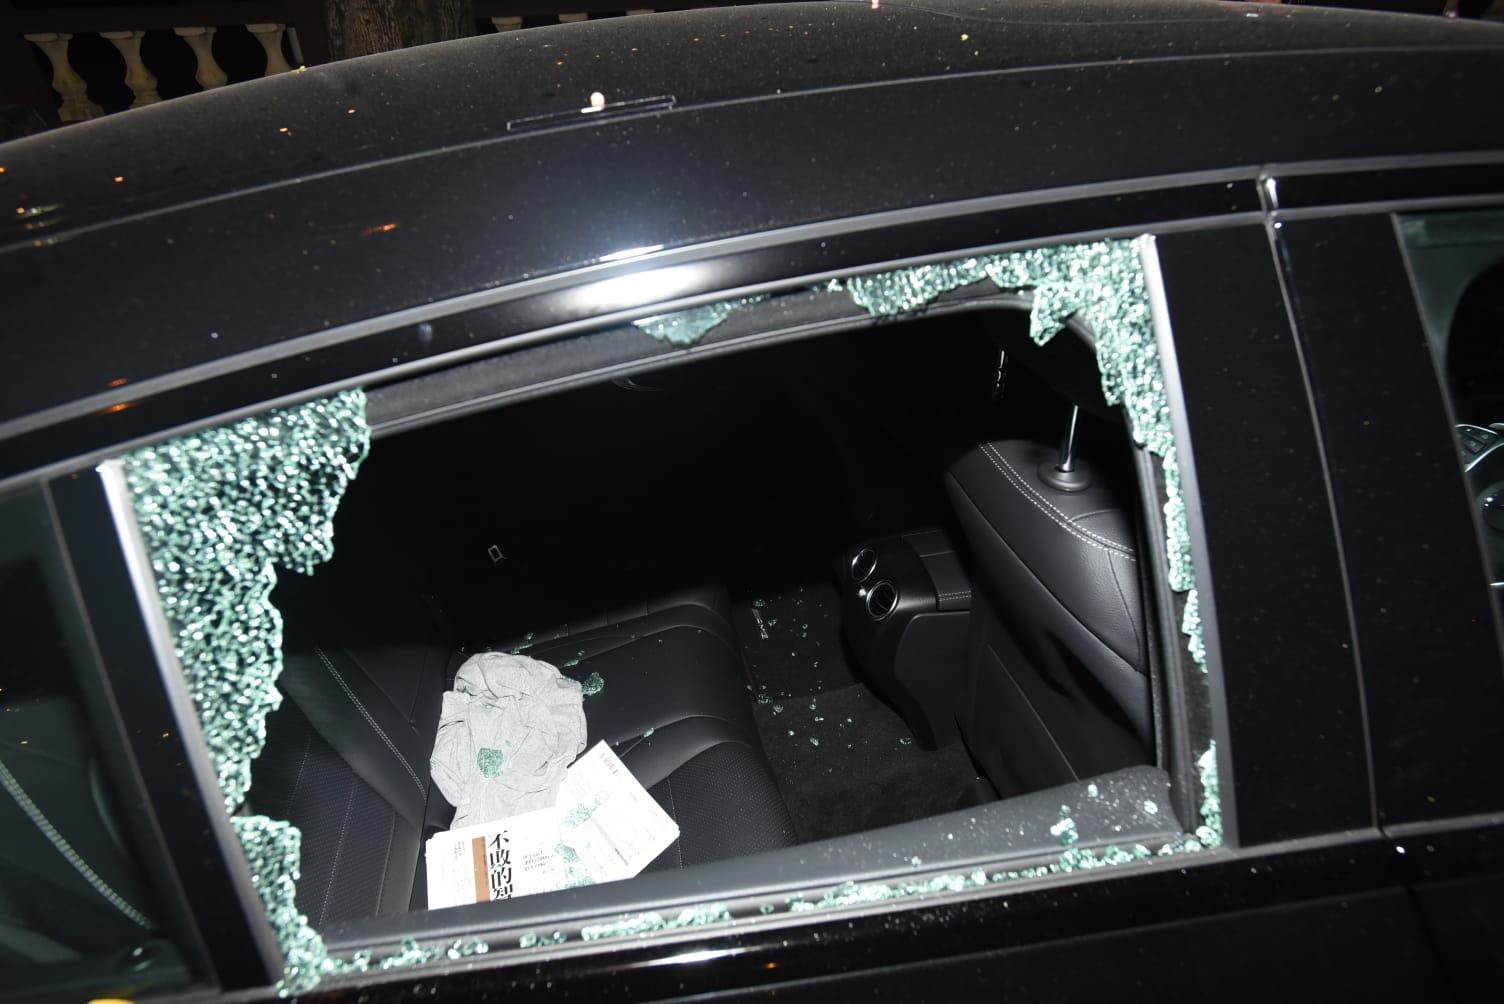 車窗被打破,車窗粉碎。